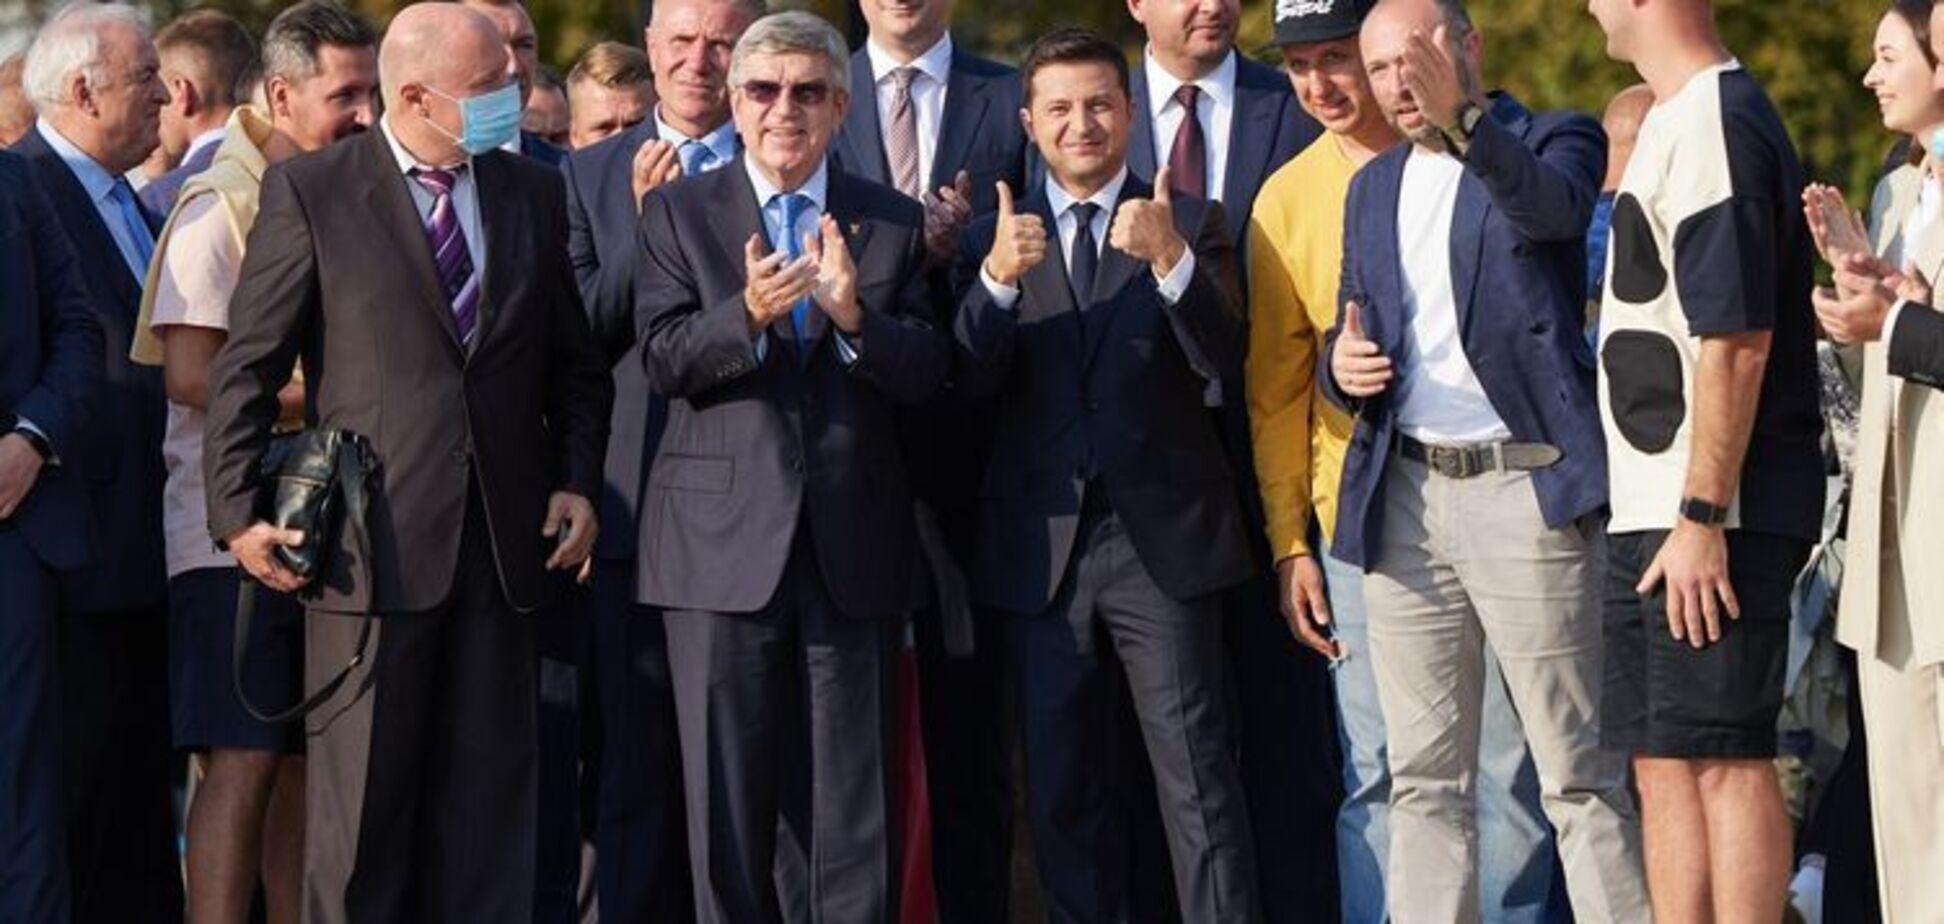 Зеленский обсудит с главой МОК проведение в Украине Олимпиады